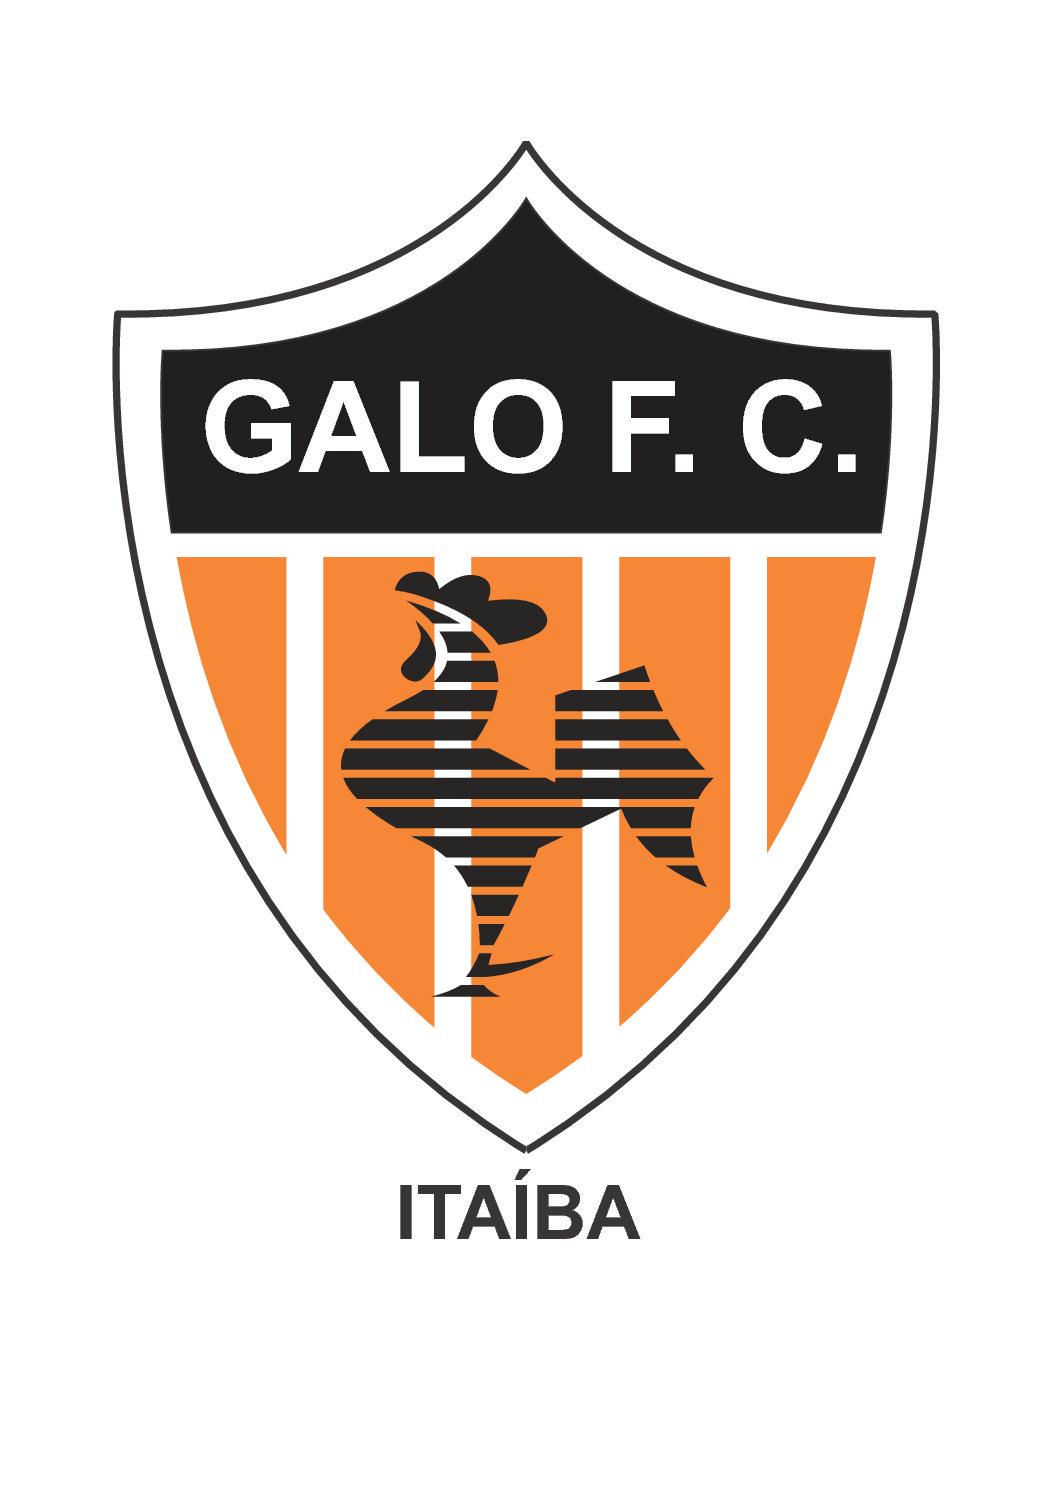 FARDAMENTO PARA EQUIPE DO GALO F.C DA COMUNIDADE DE ITAÍBA, INTERIOR DE IBIRUBÁ/RS.